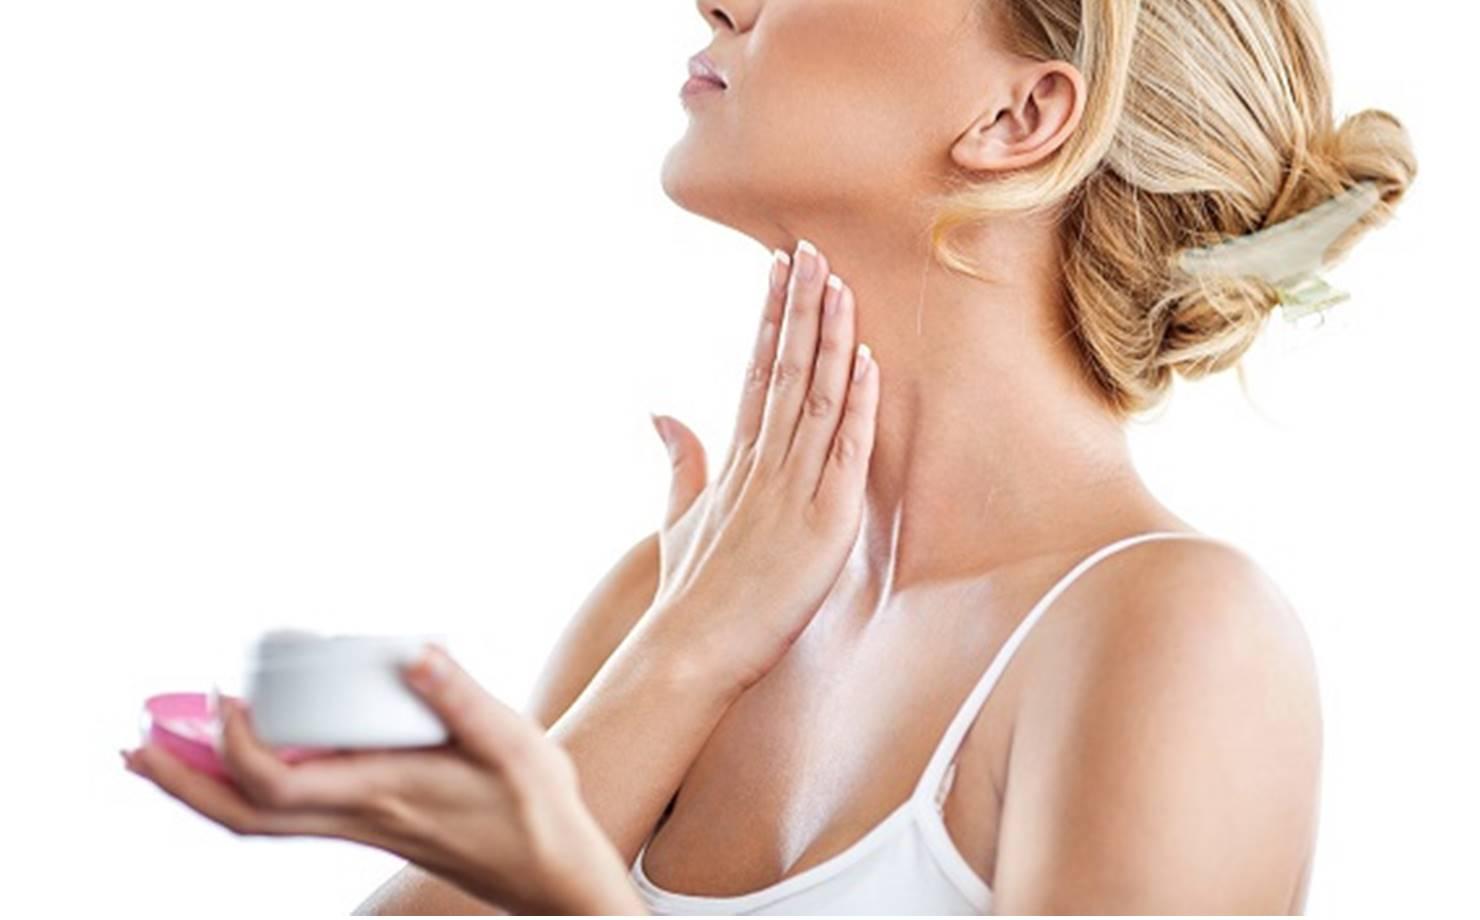 Mulher Cuidando da pele do pescoço